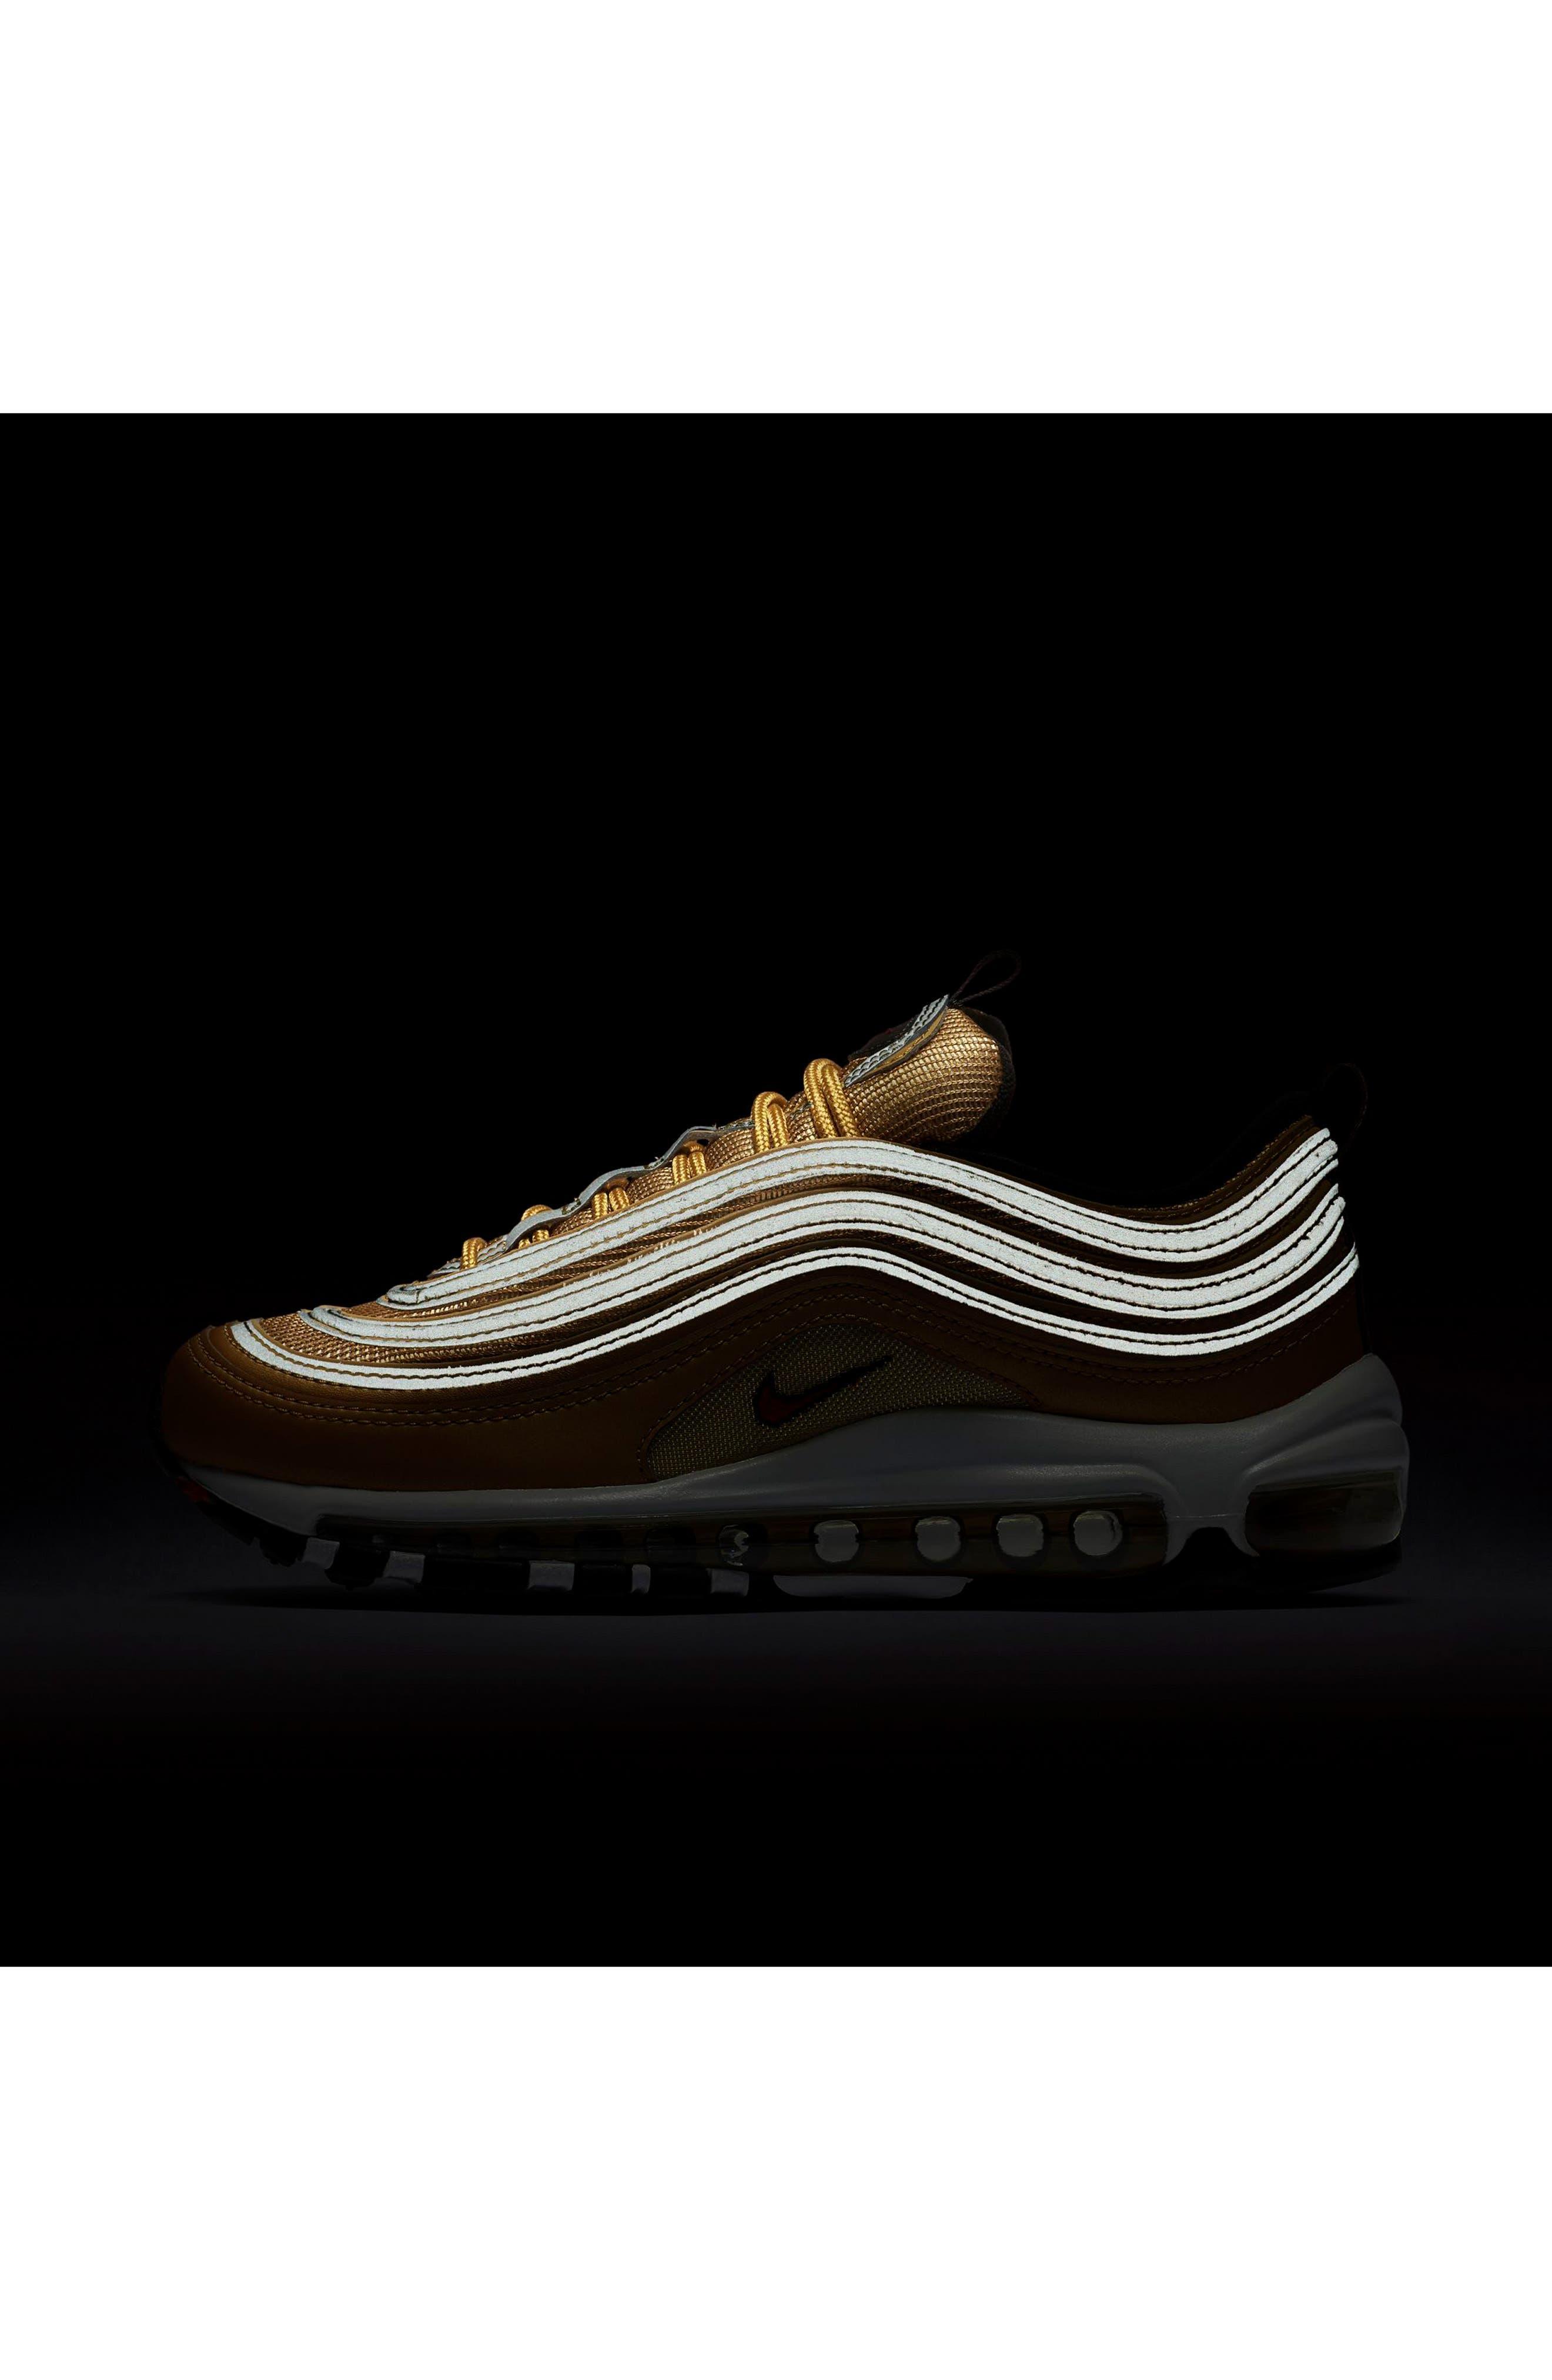 Air Max 97 OG Sneaker,                             Alternate thumbnail 7, color,                             Gold/ Red/ White/ Black